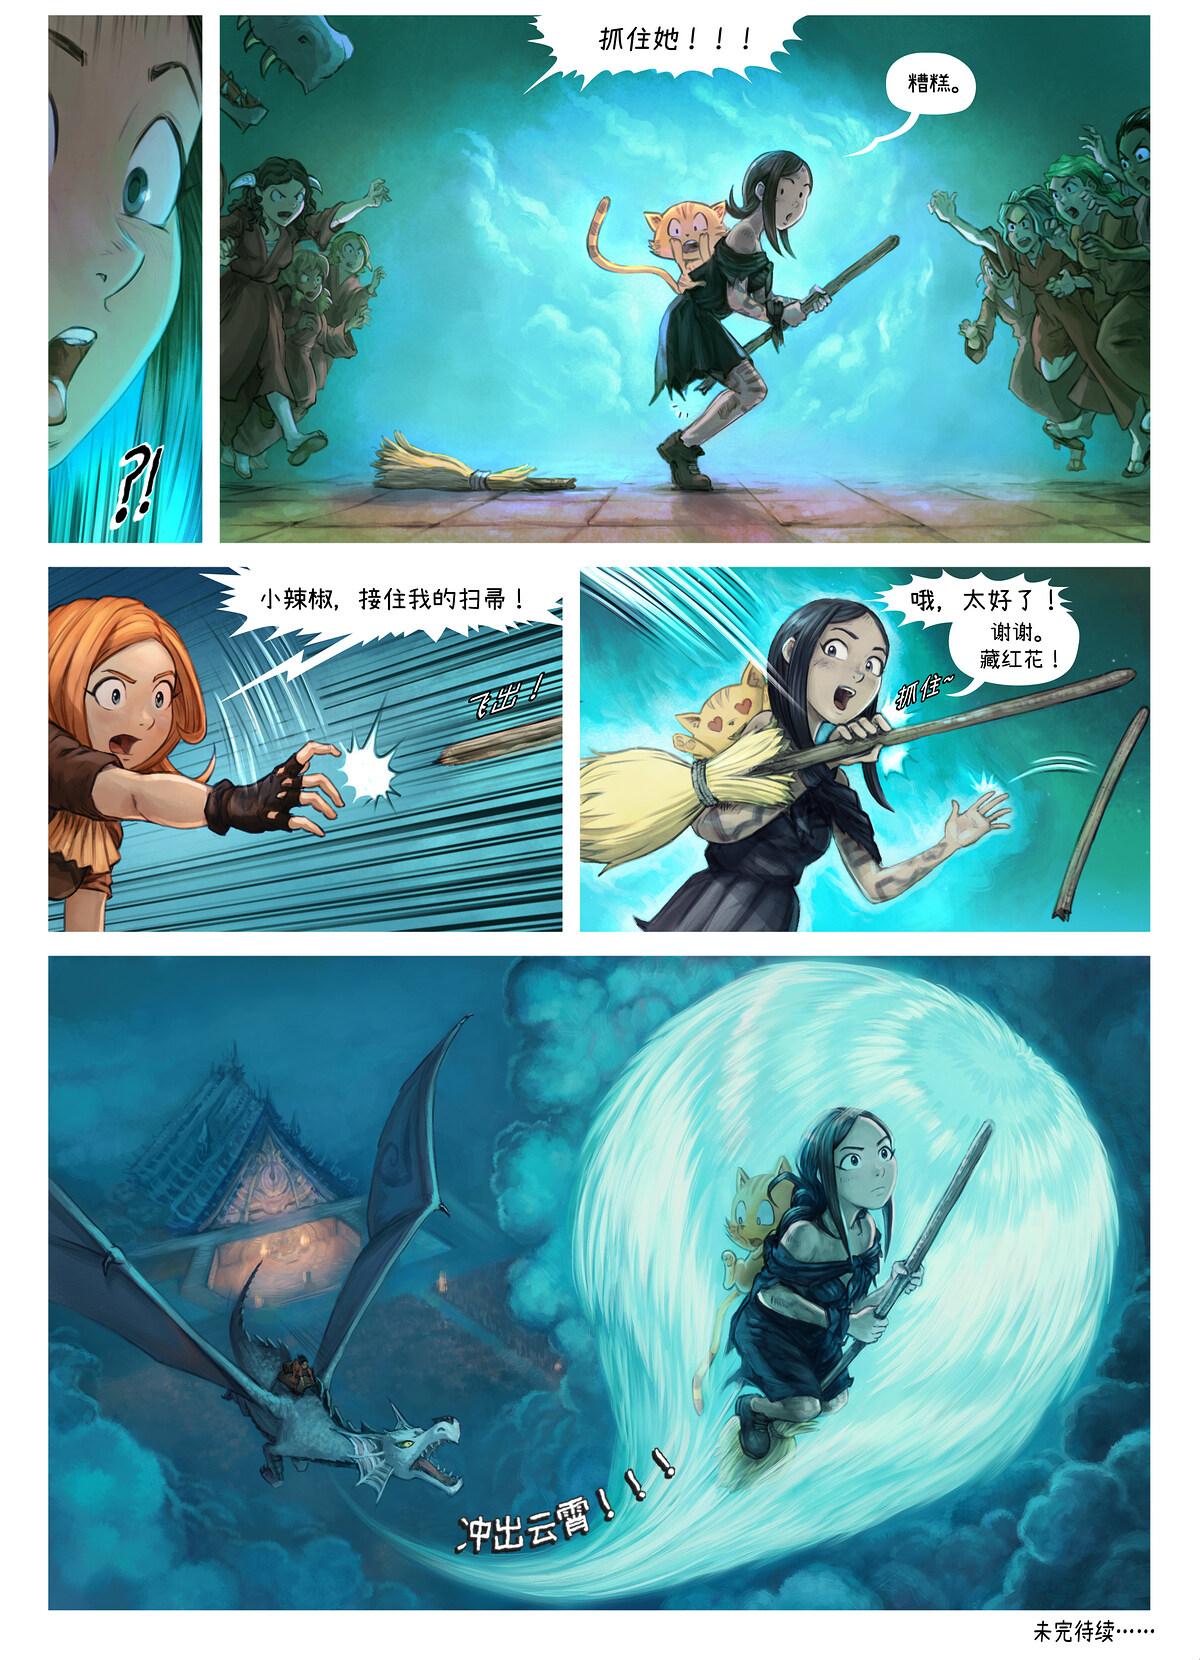 第34集:七味粉的册封仪式, Page 10